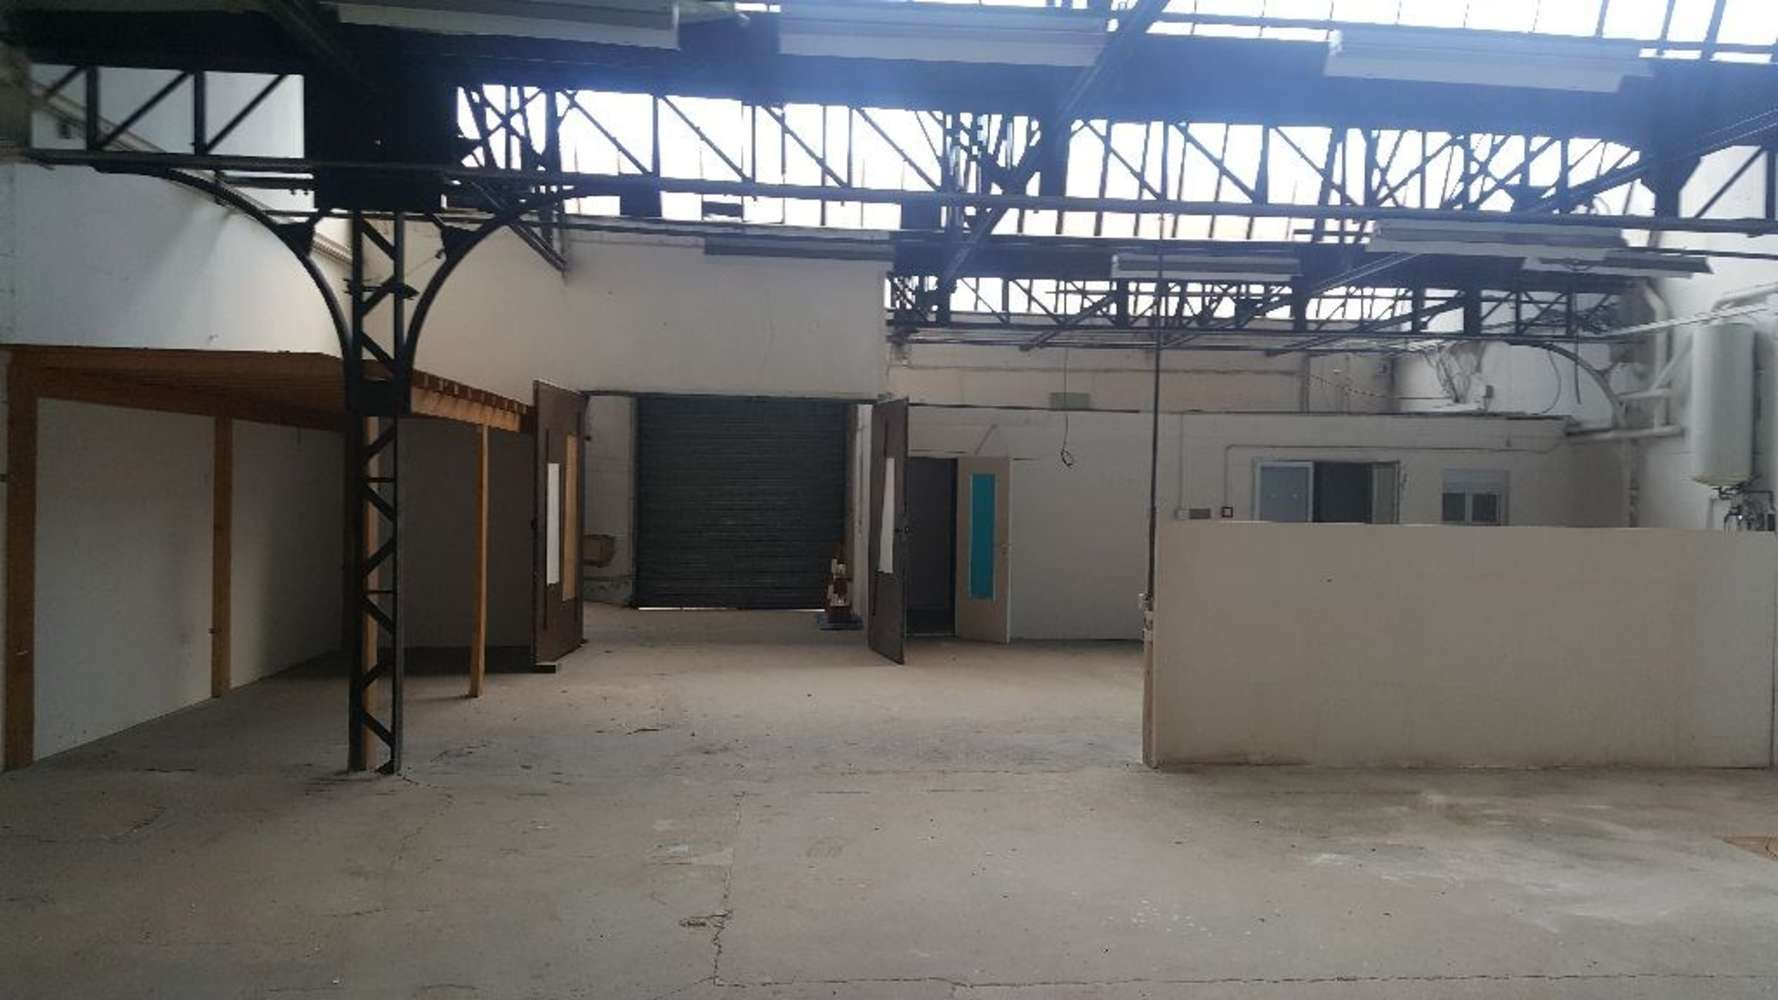 Activités/entrepôt Vitry sur seine, 94400 - 17 RUE DE L'YSER - 9536377